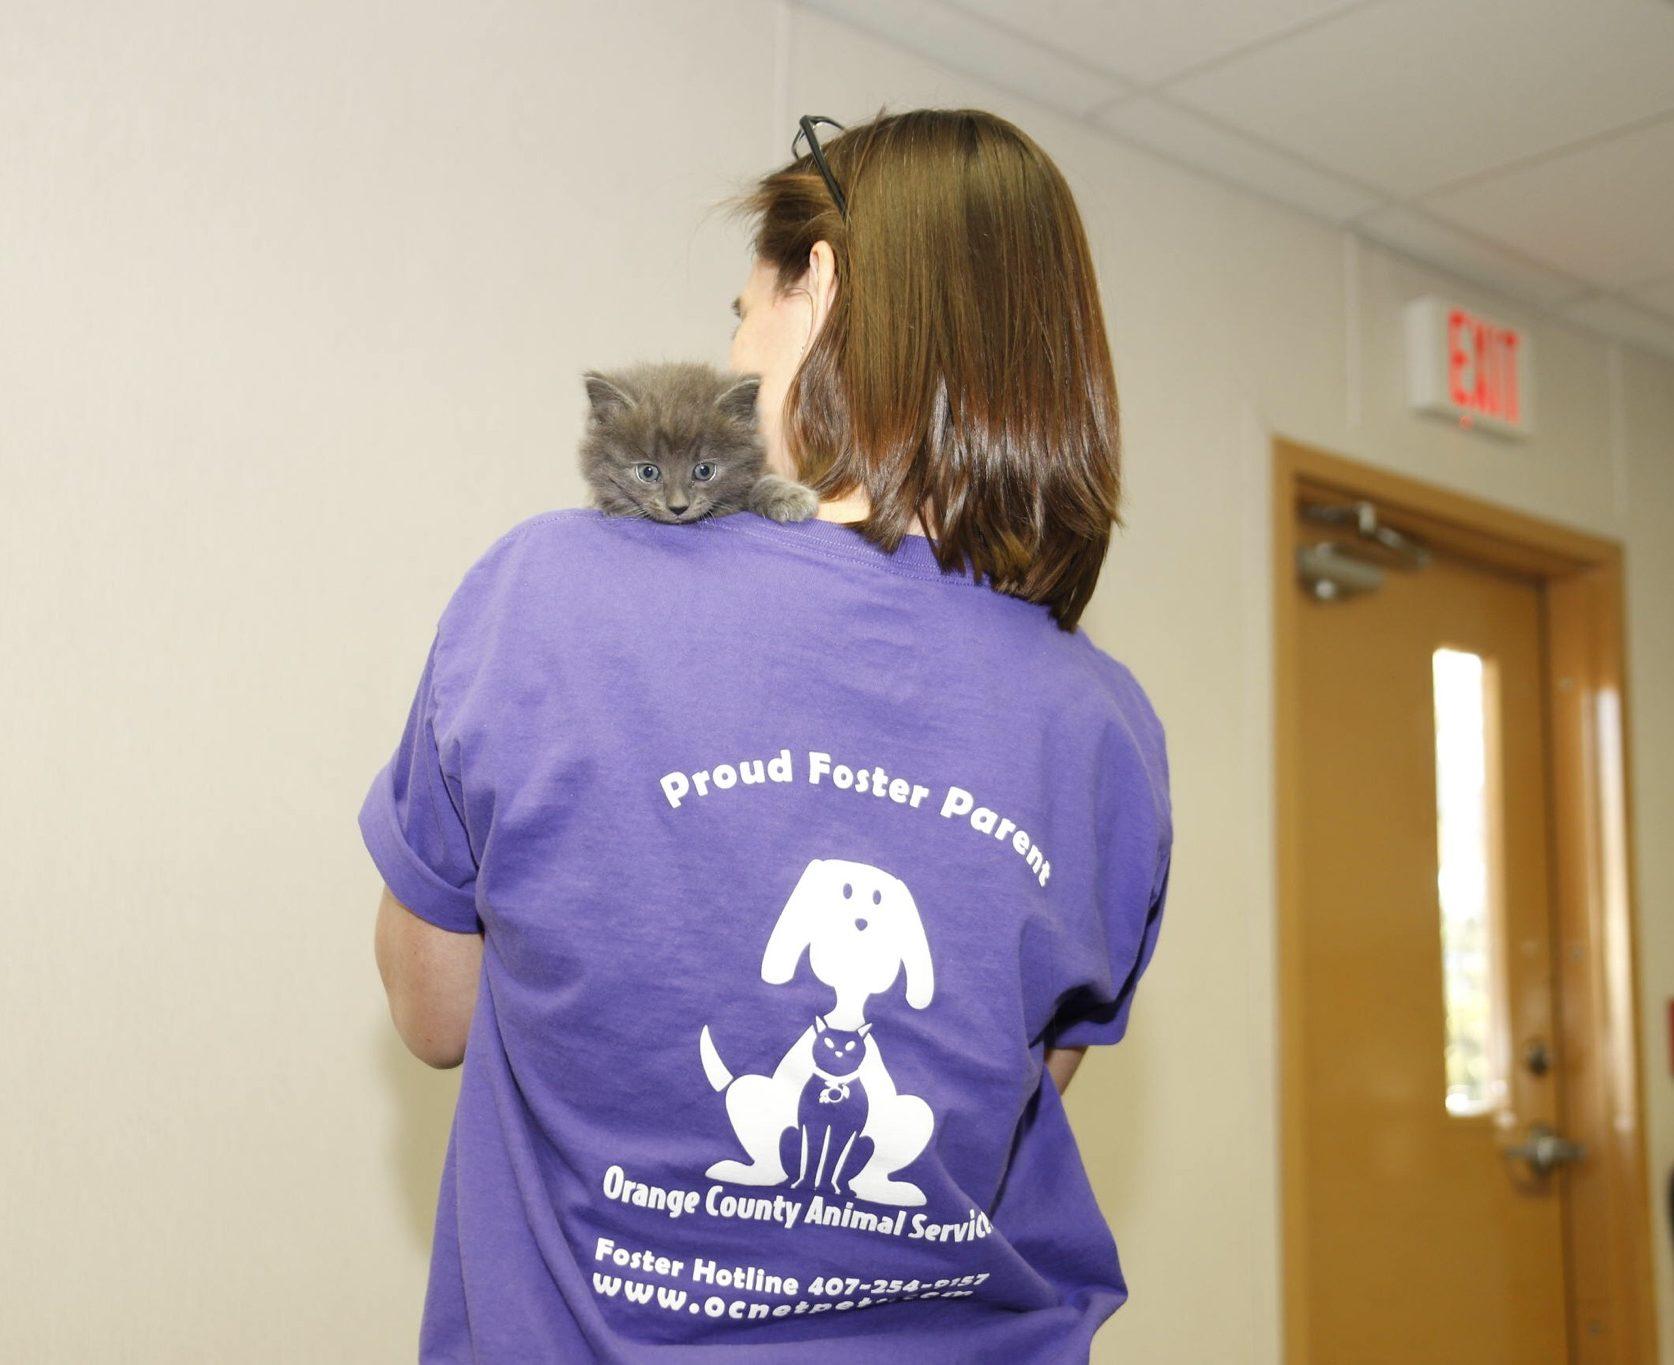 Mujer de espaldas a la cámara sosteniendo un gatito.